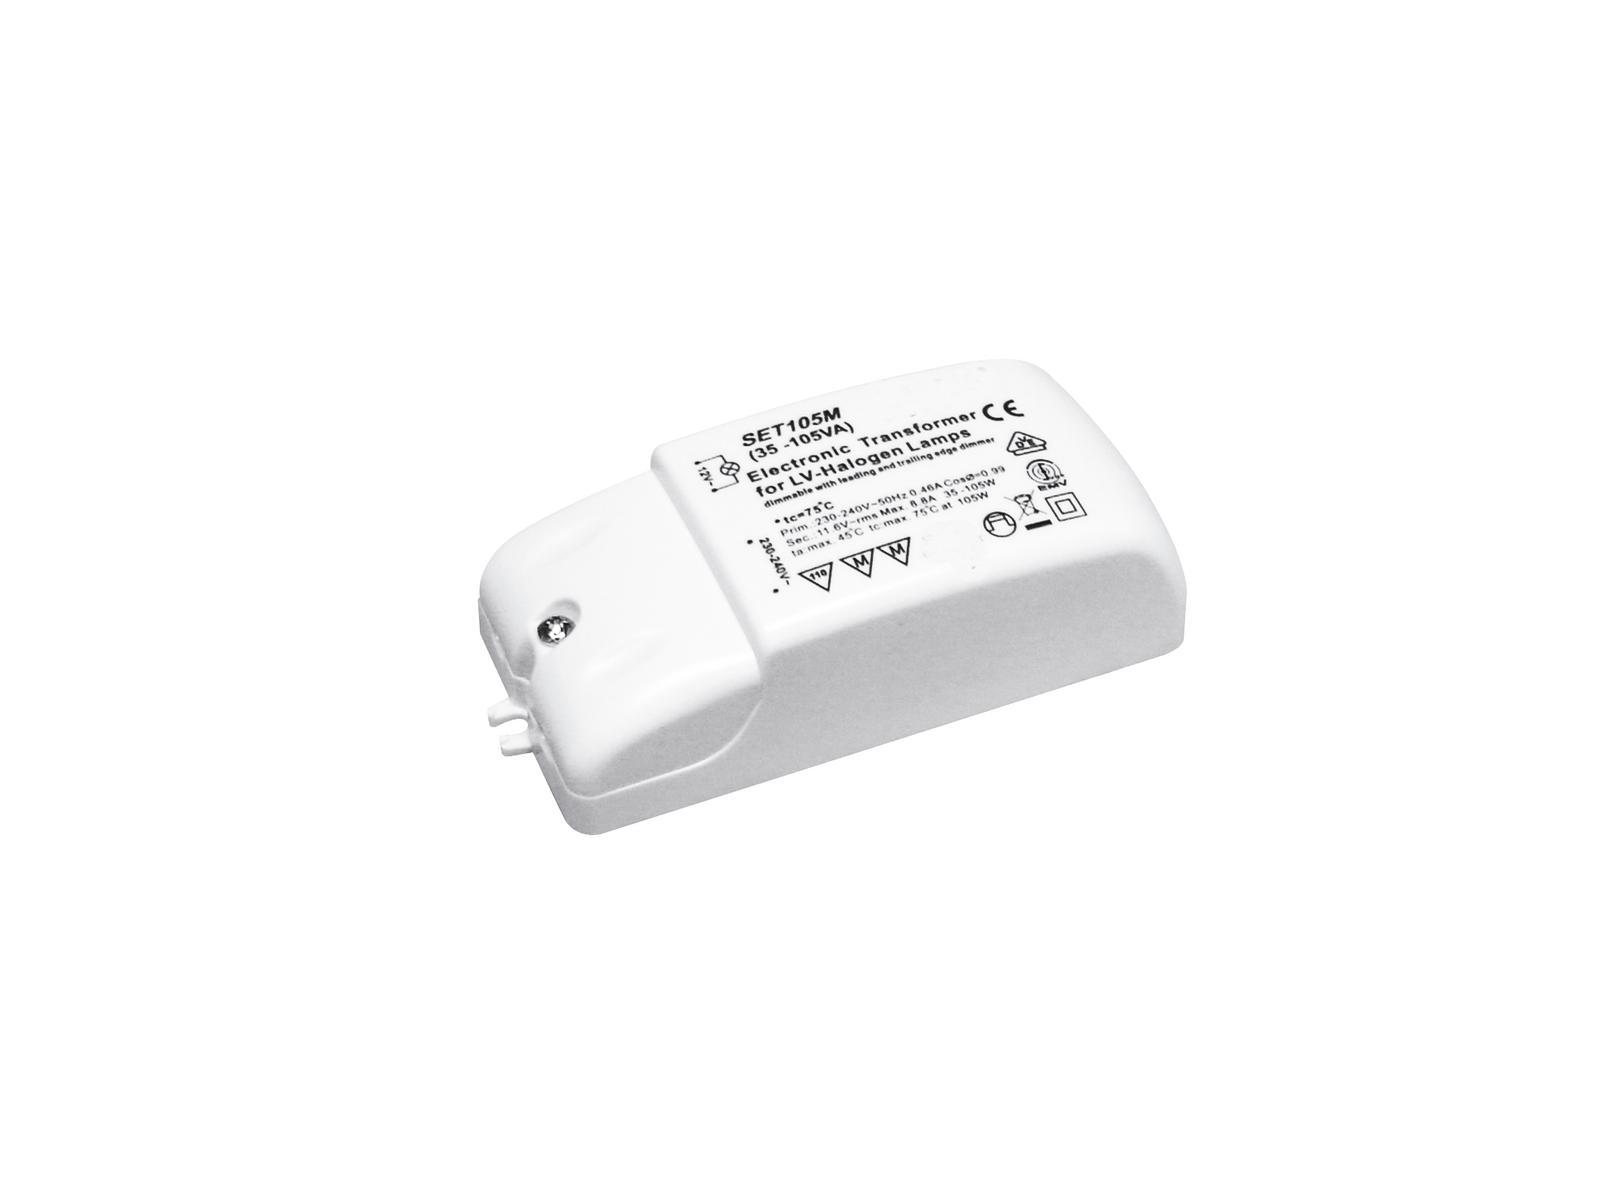 Transformer EUROLITE for low-voltage halogen lamps 12V/ 35-105VA